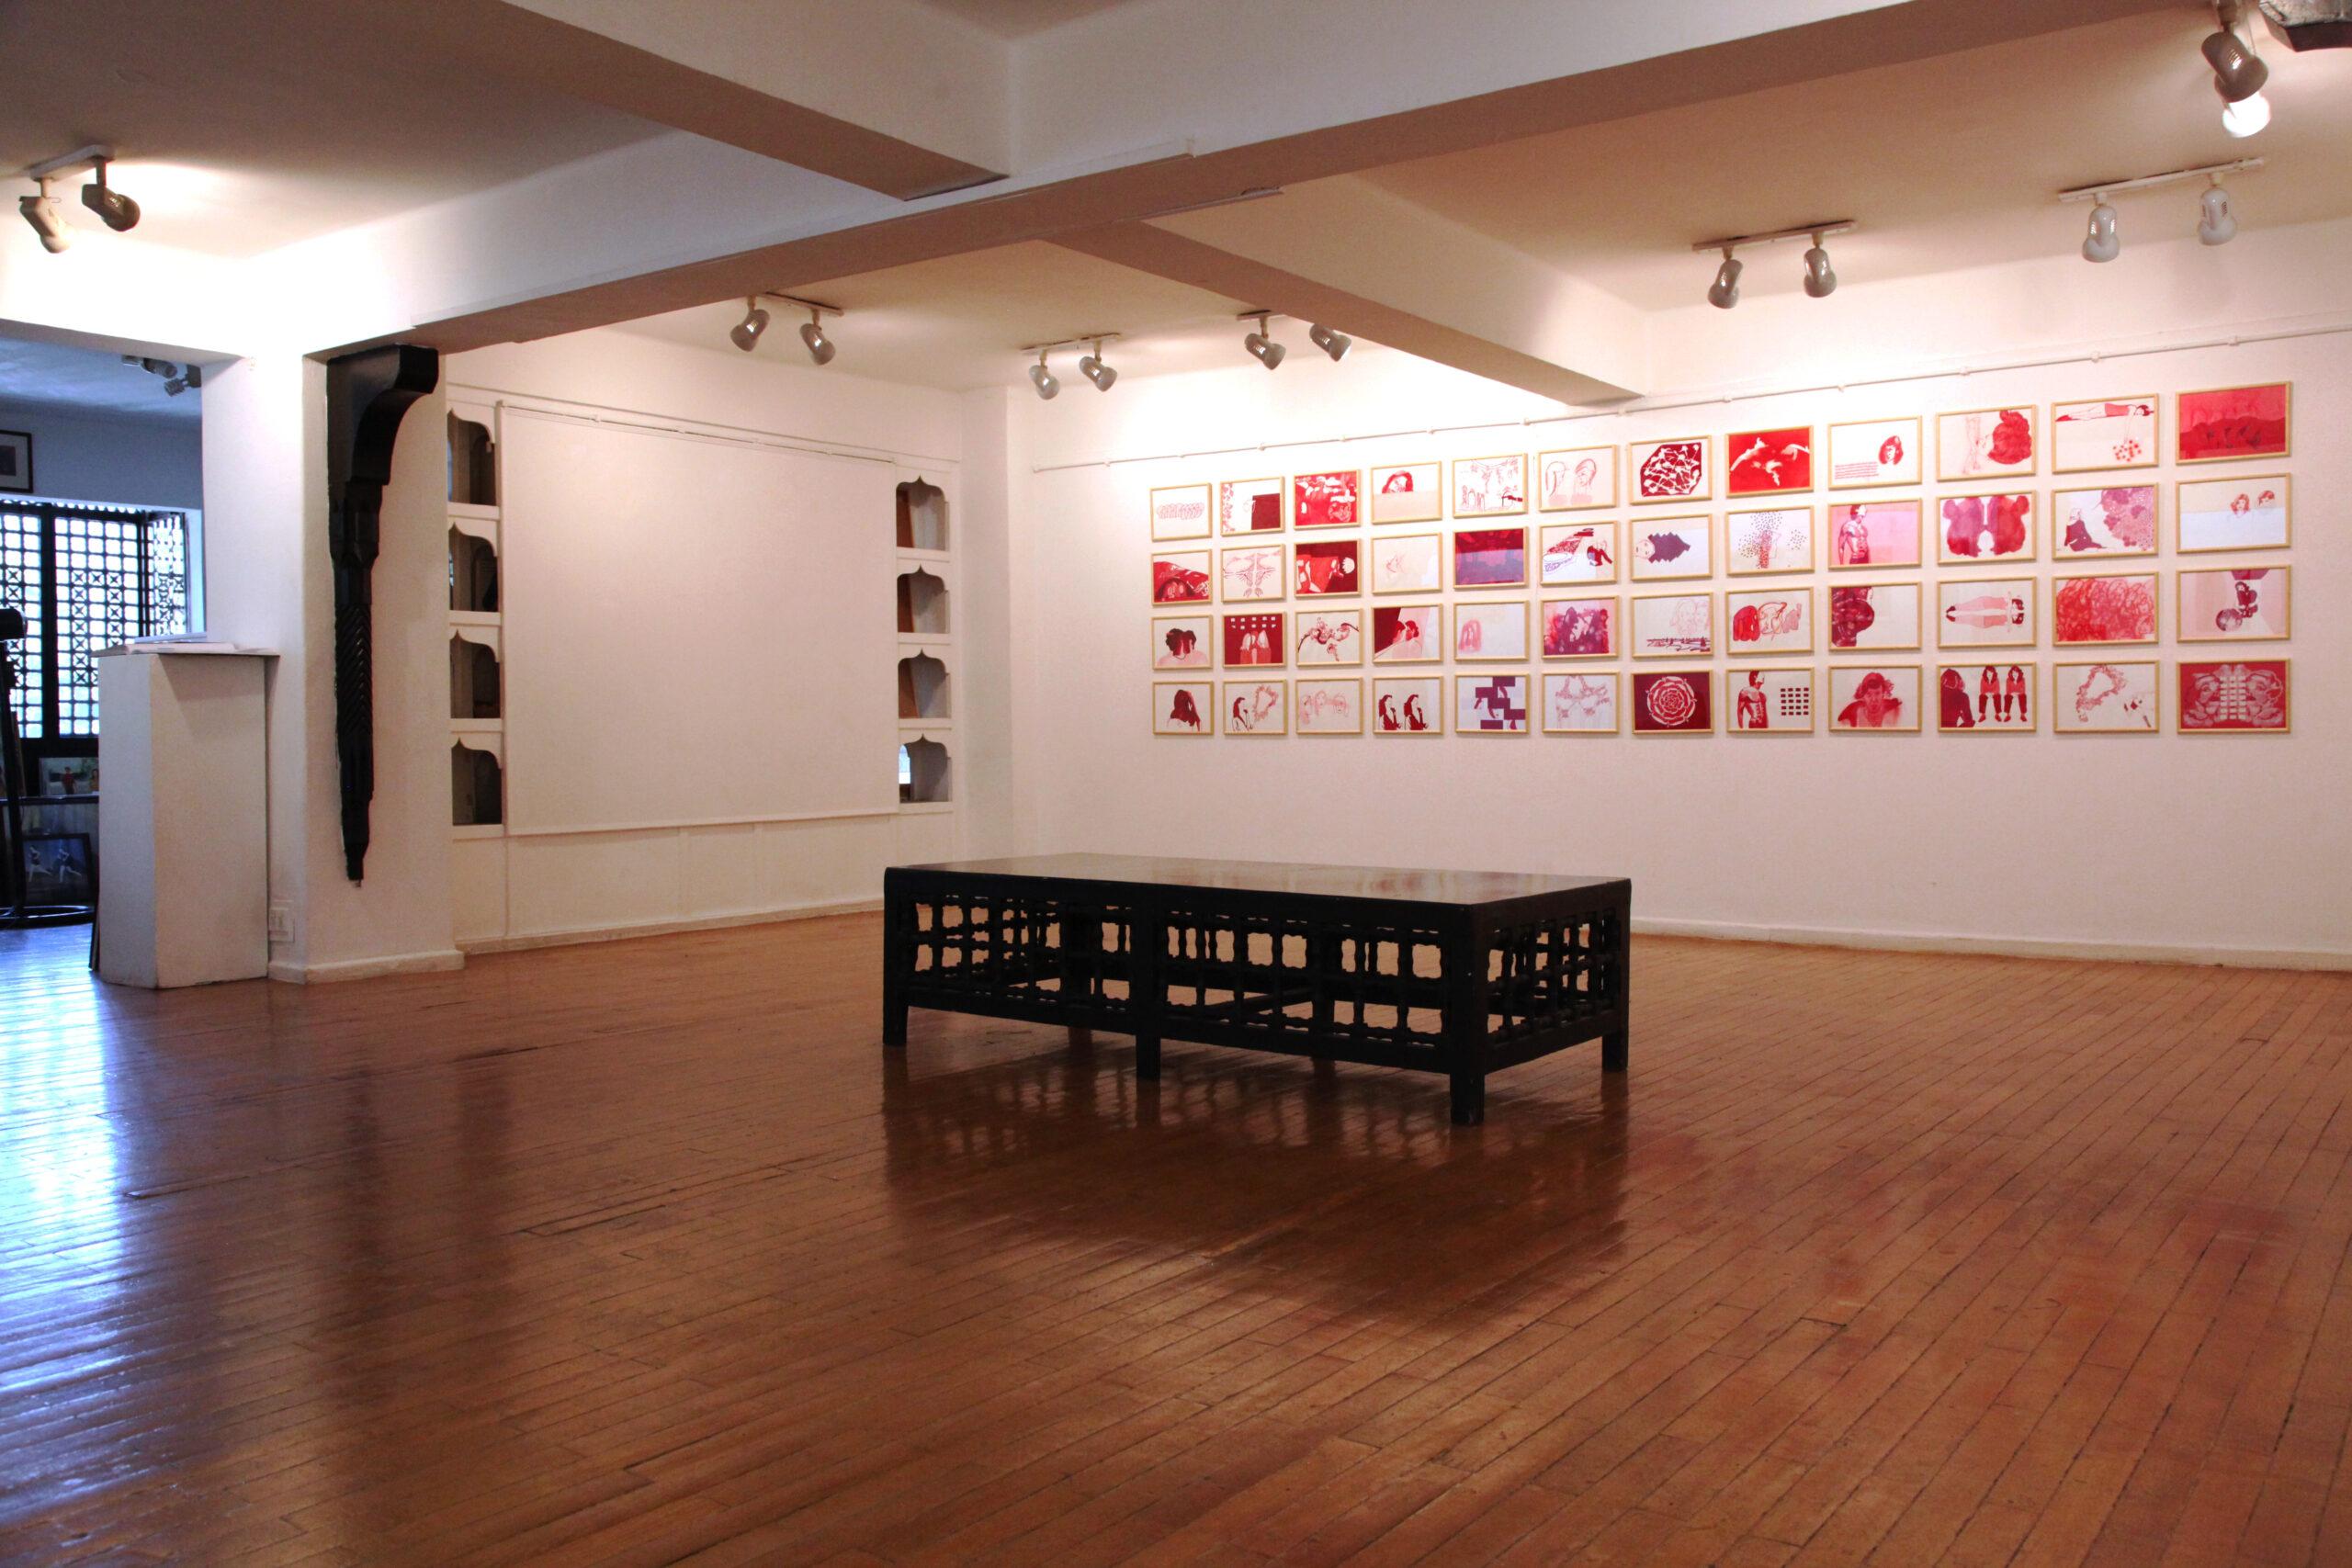 """Ausstellung """"Identities"""" Mashrabia Gallery, Kairo Ägypten"""